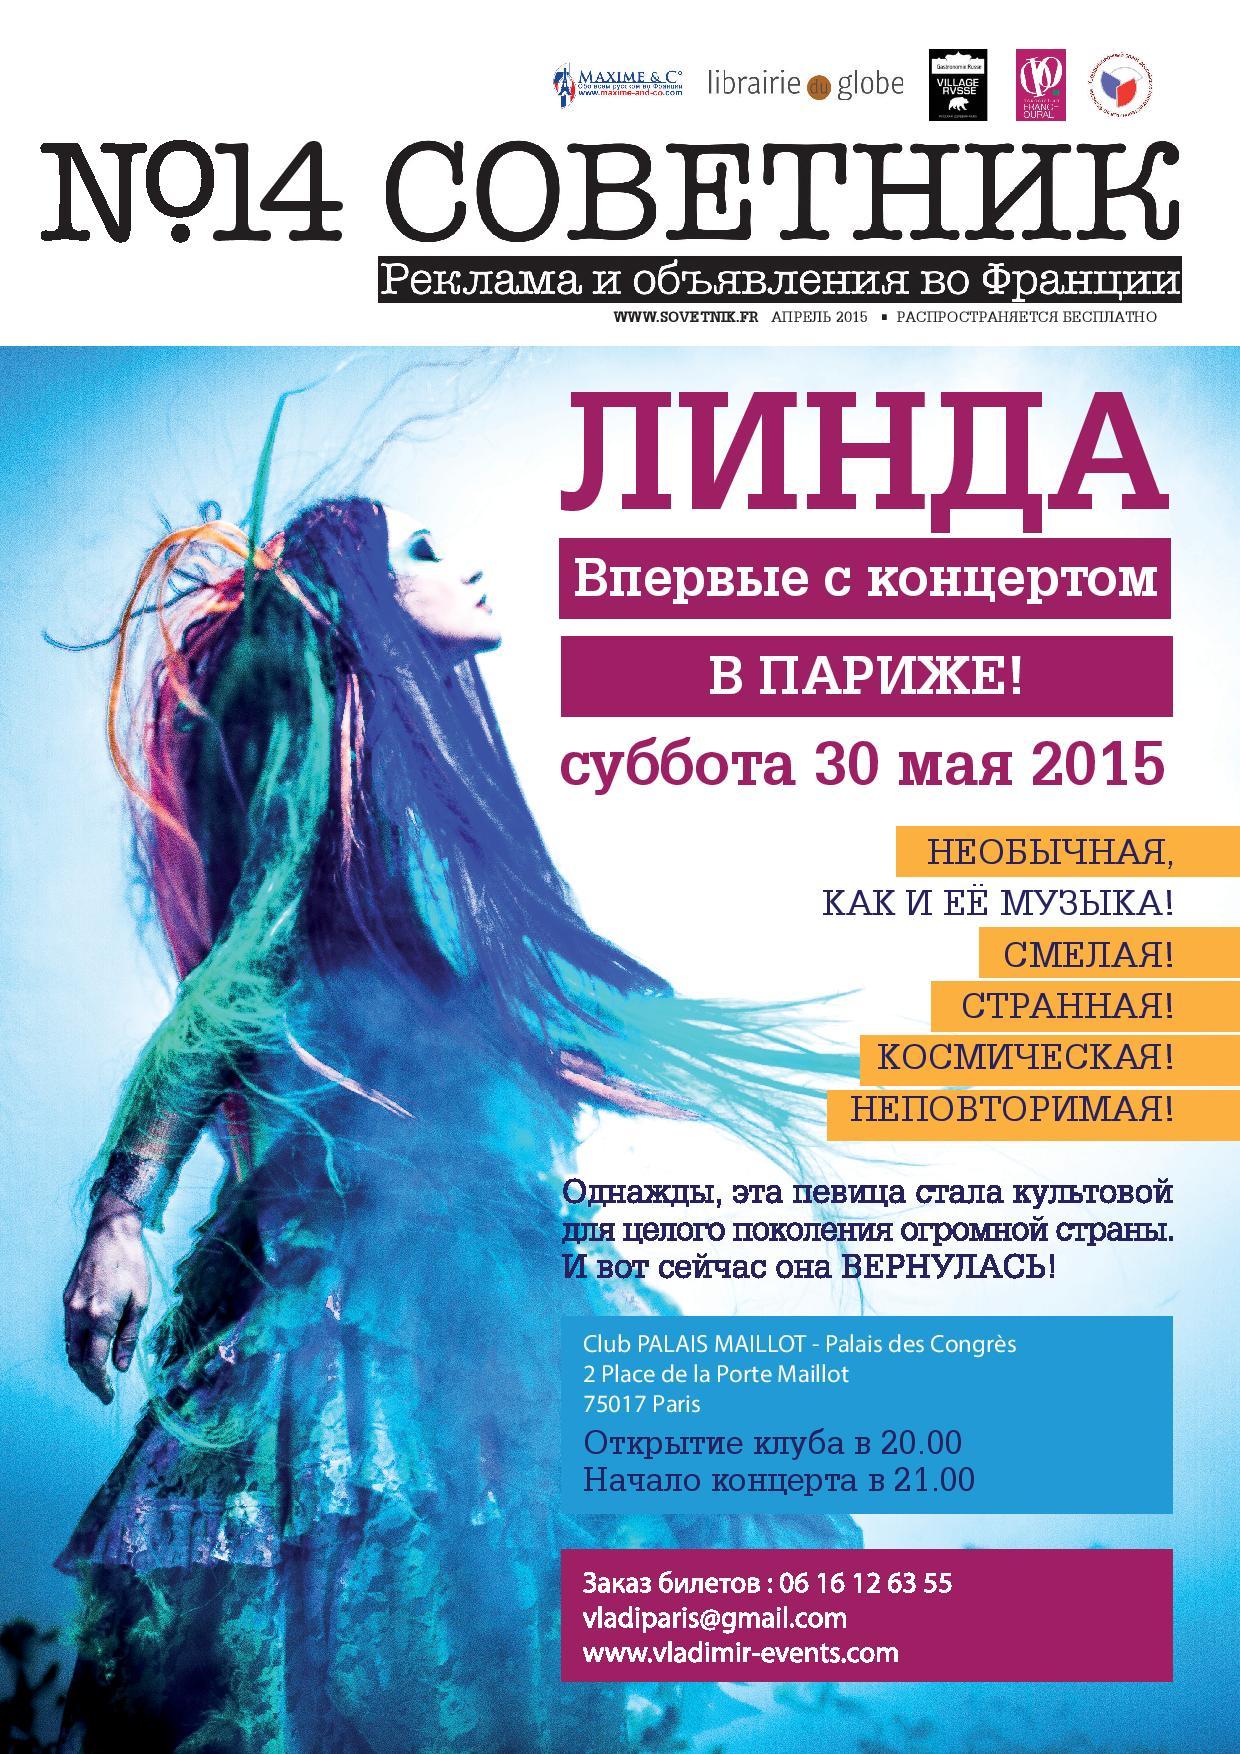 Советник, апрель 2015 (№14)